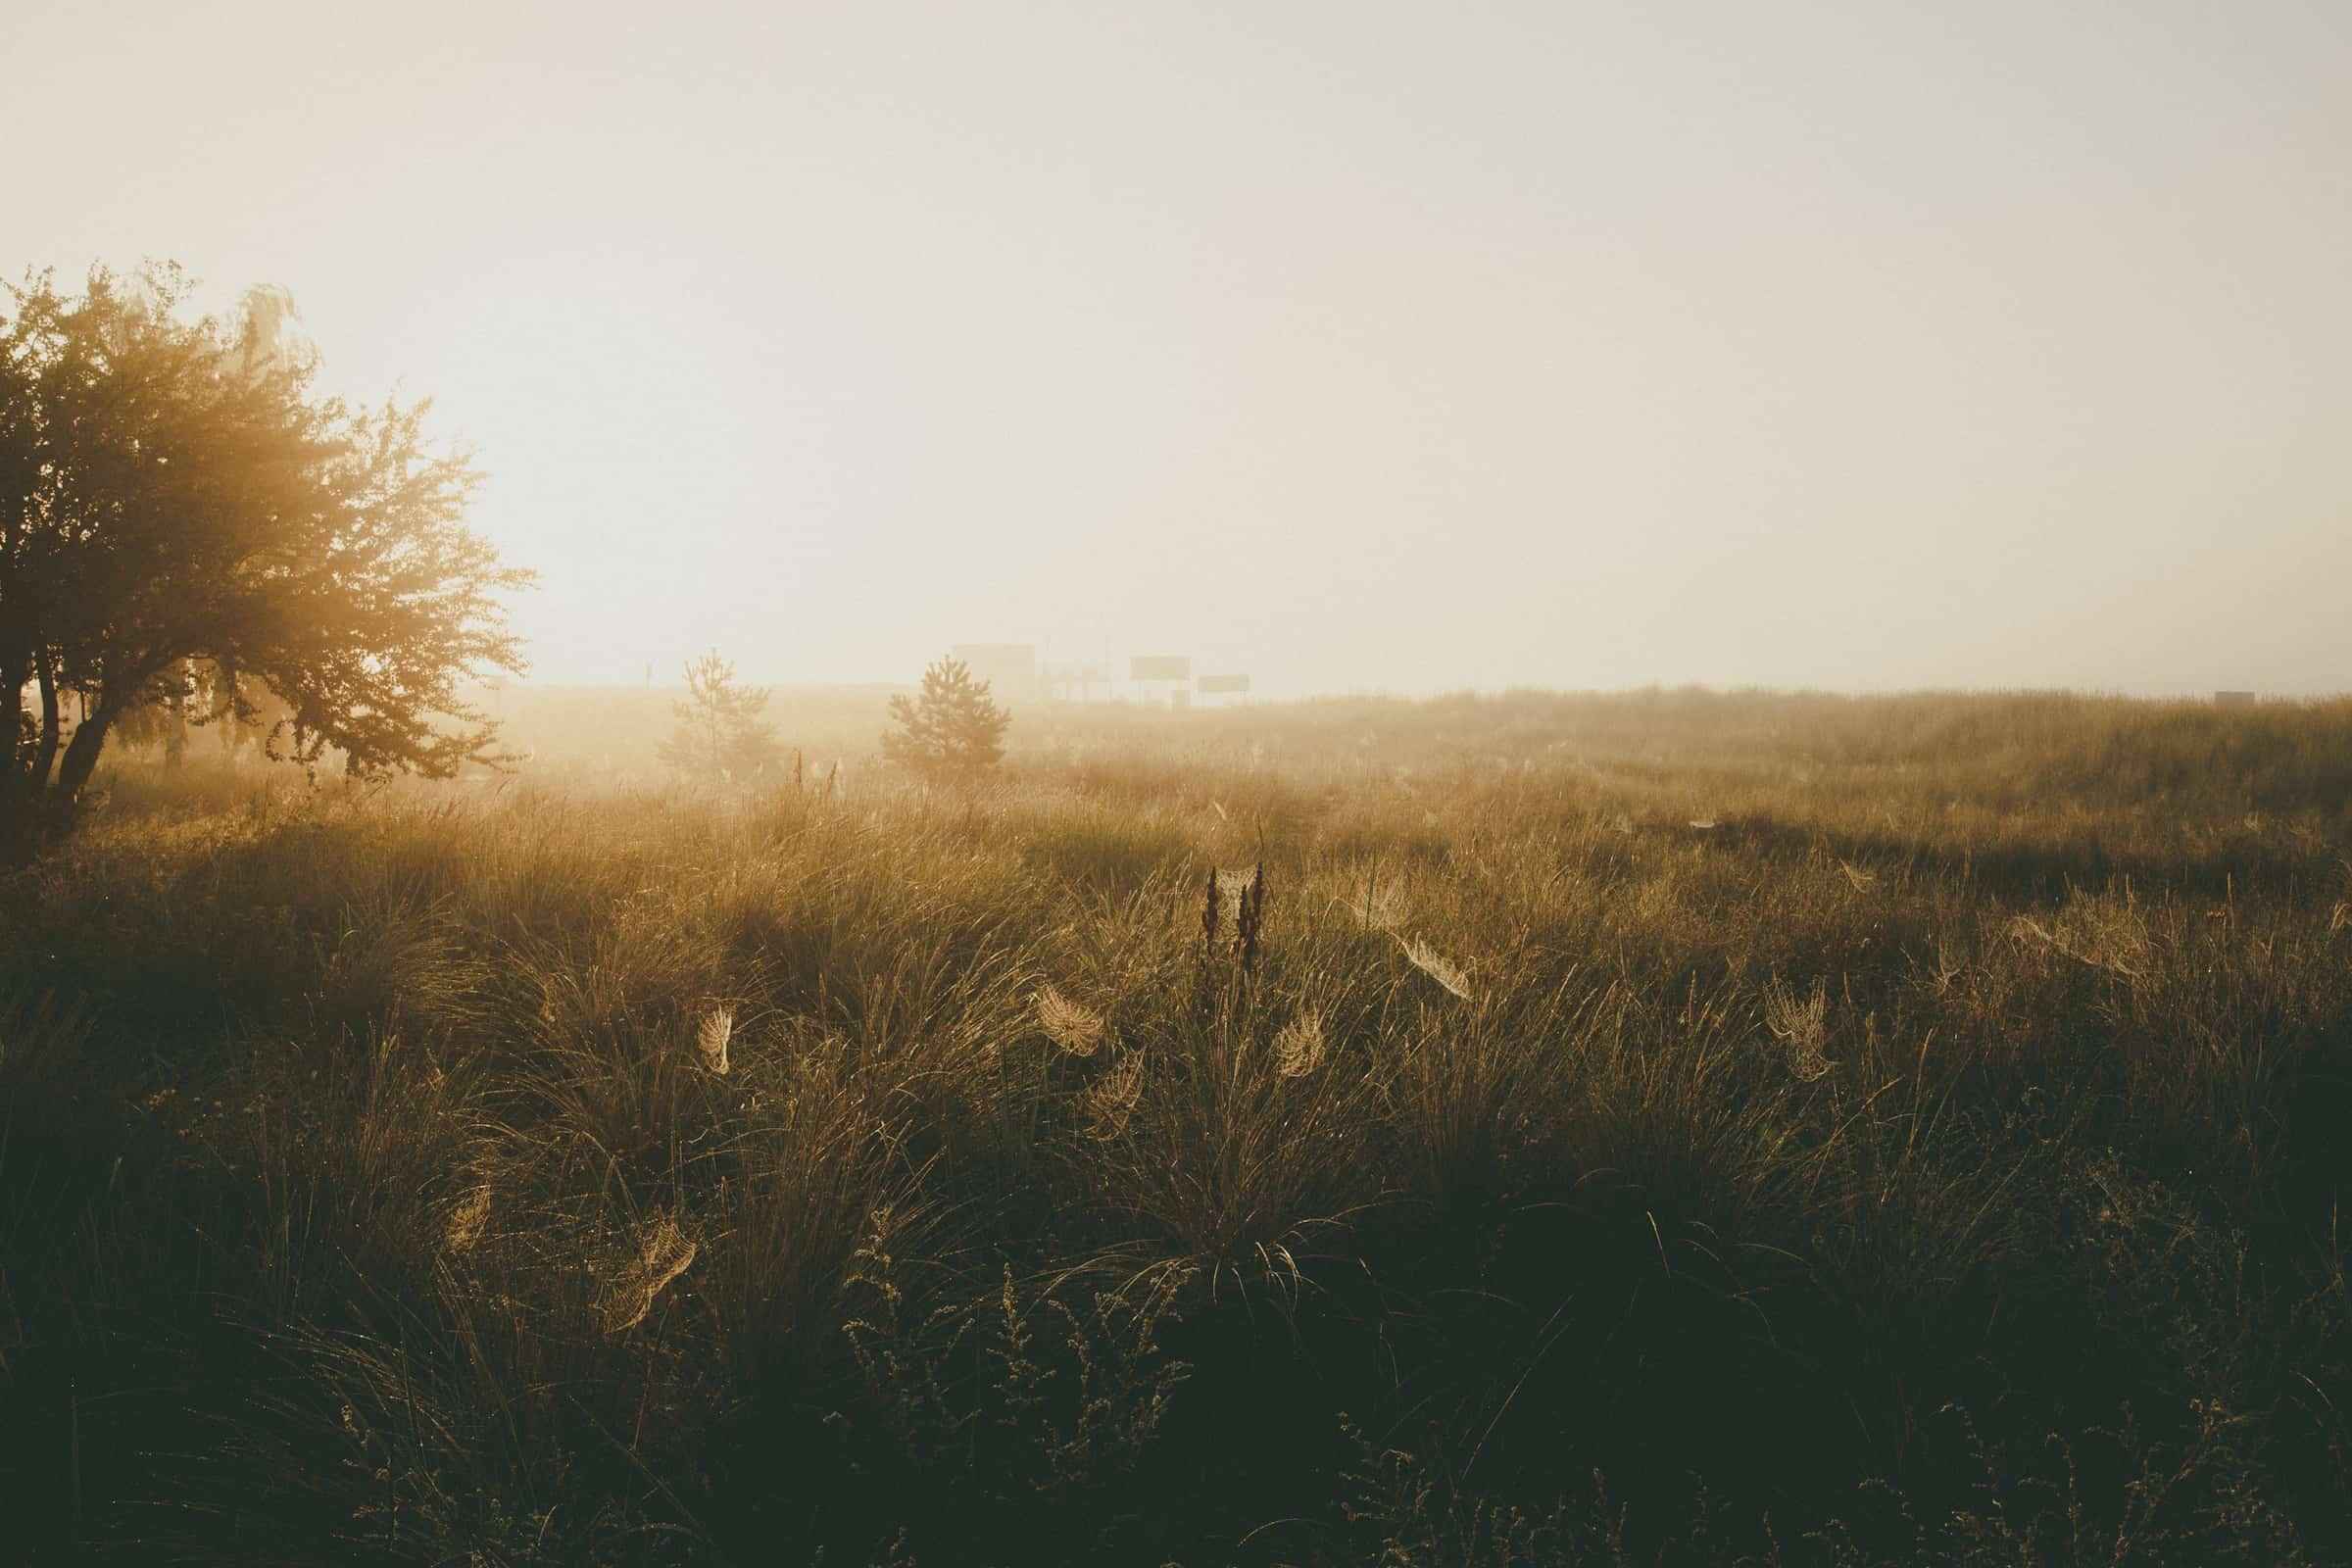 Hel plazą pajęczyny wschód słońca